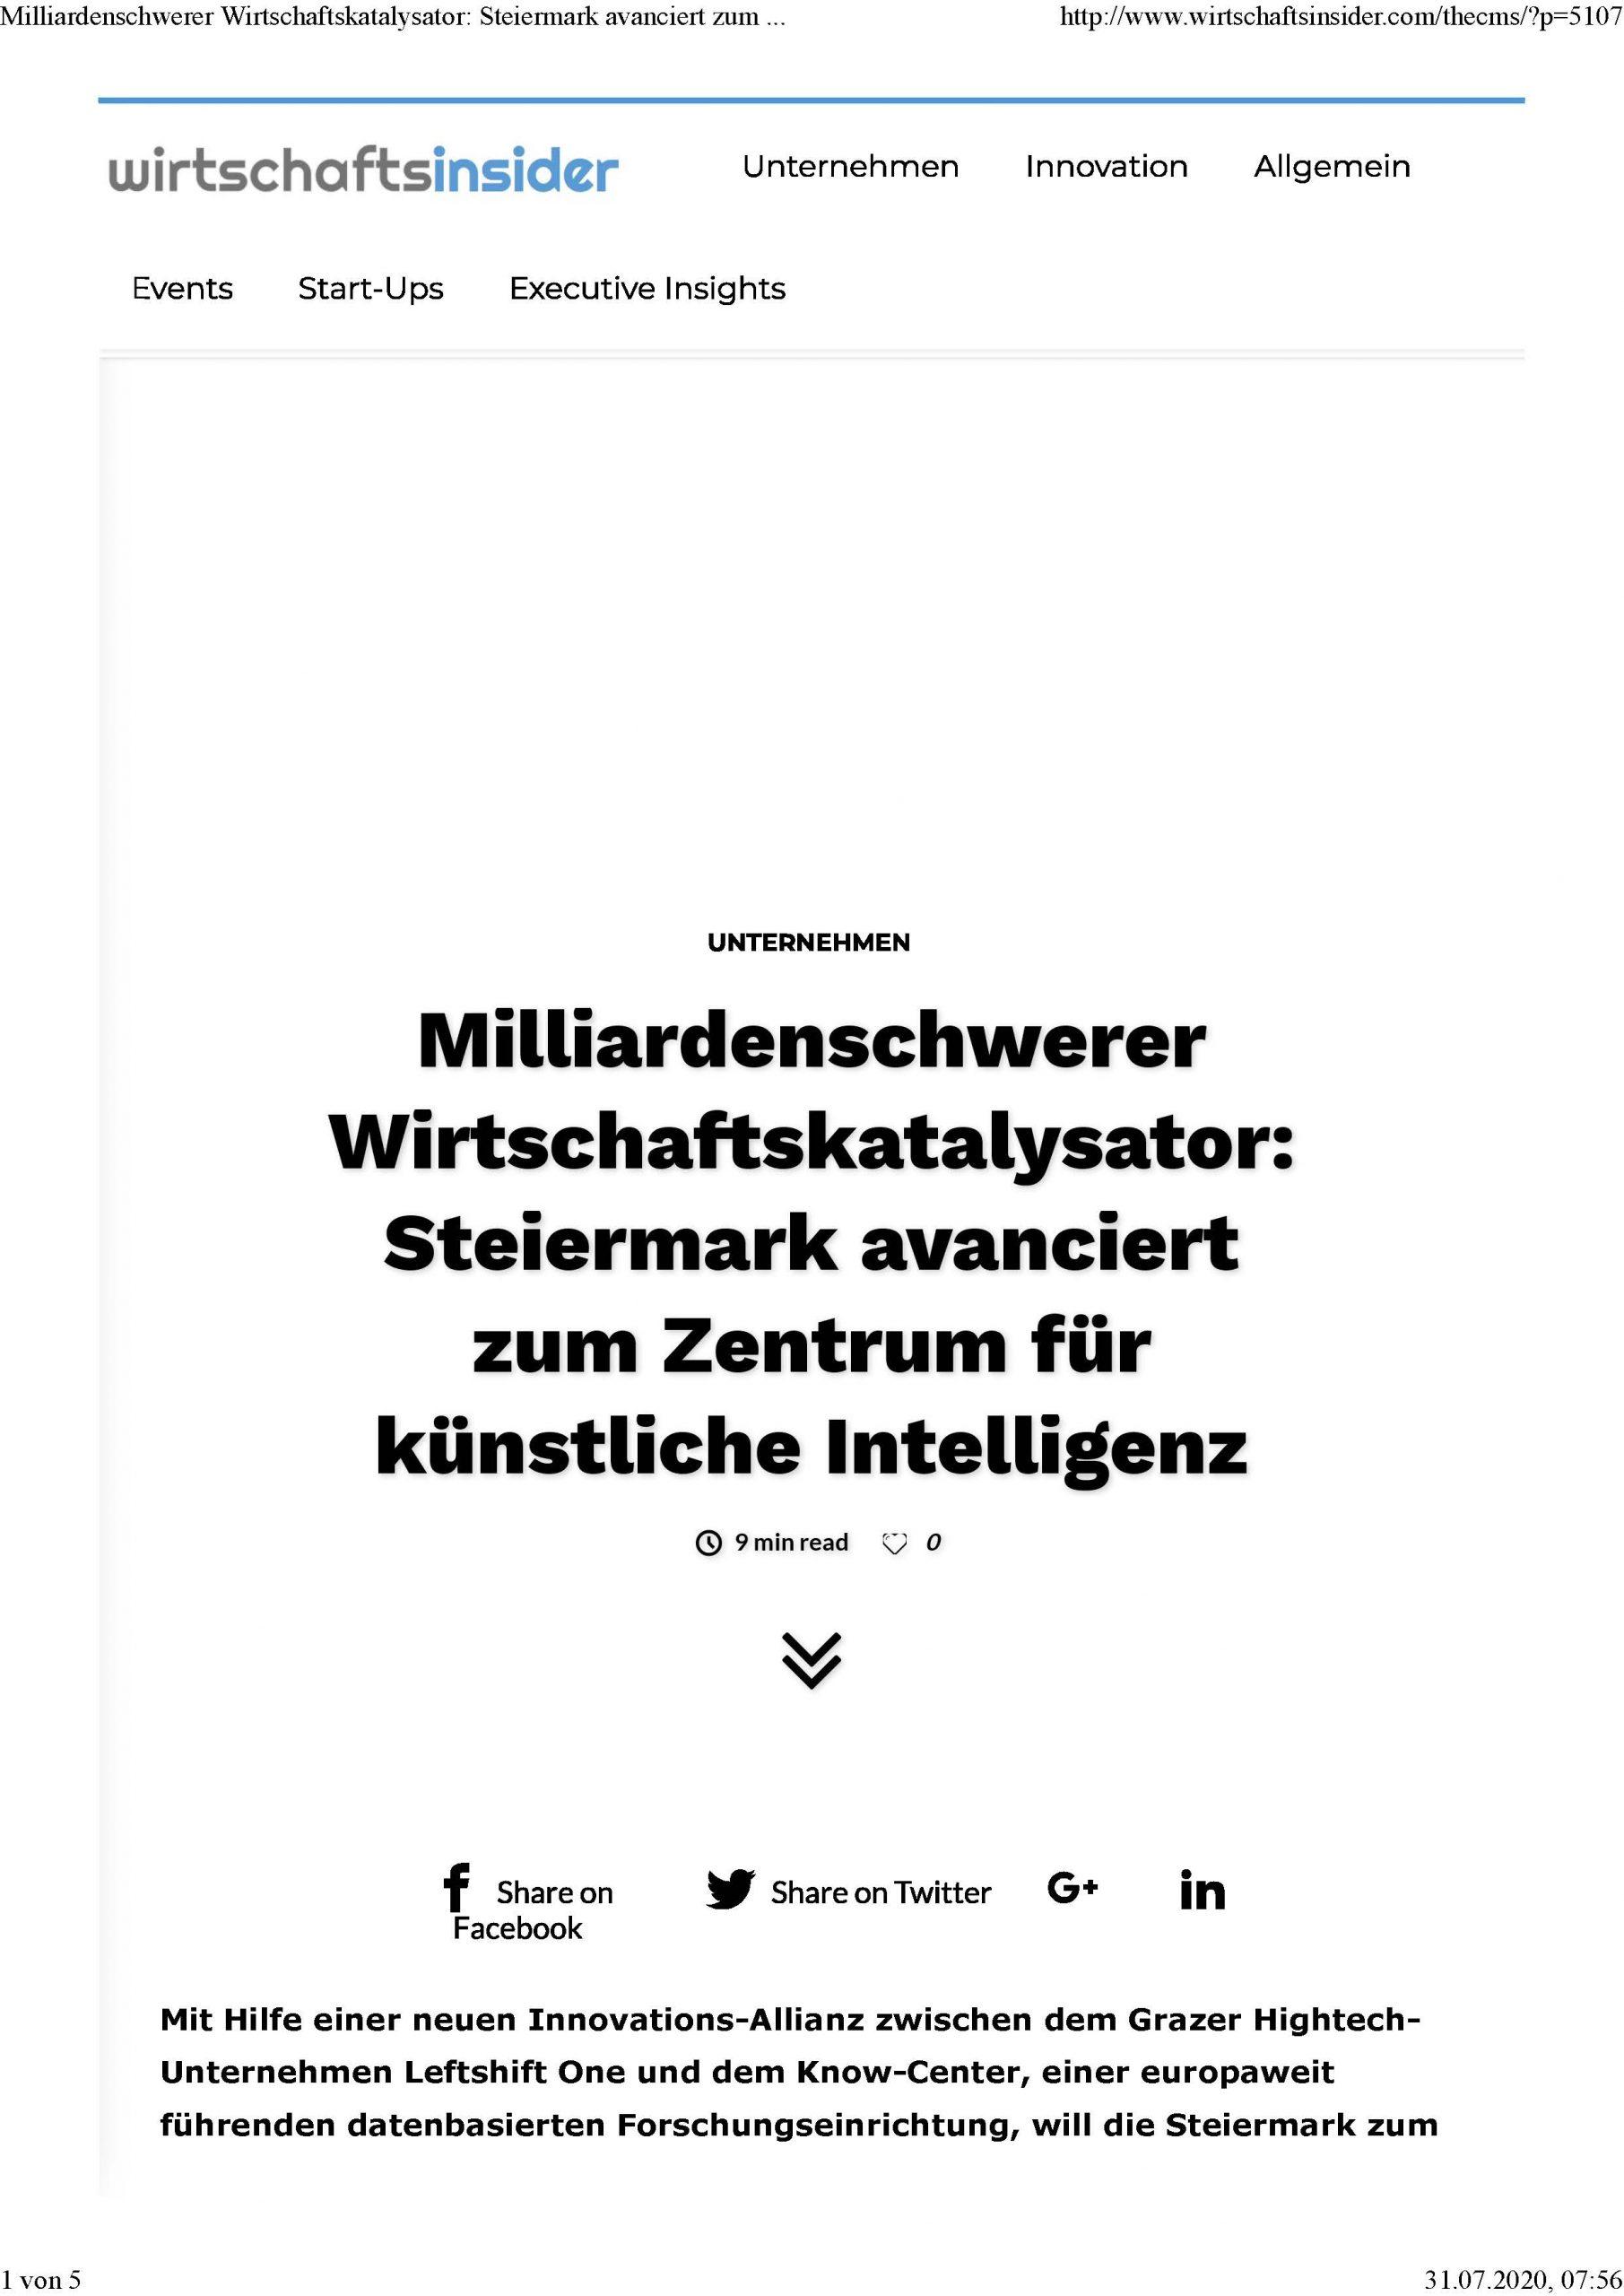 2020-07-10_Wirtschaftsinsider_Milliardenschwerer Wirtschaftskatalysator-Steiermark avanciert zum Zentrum für KI_Seite_1